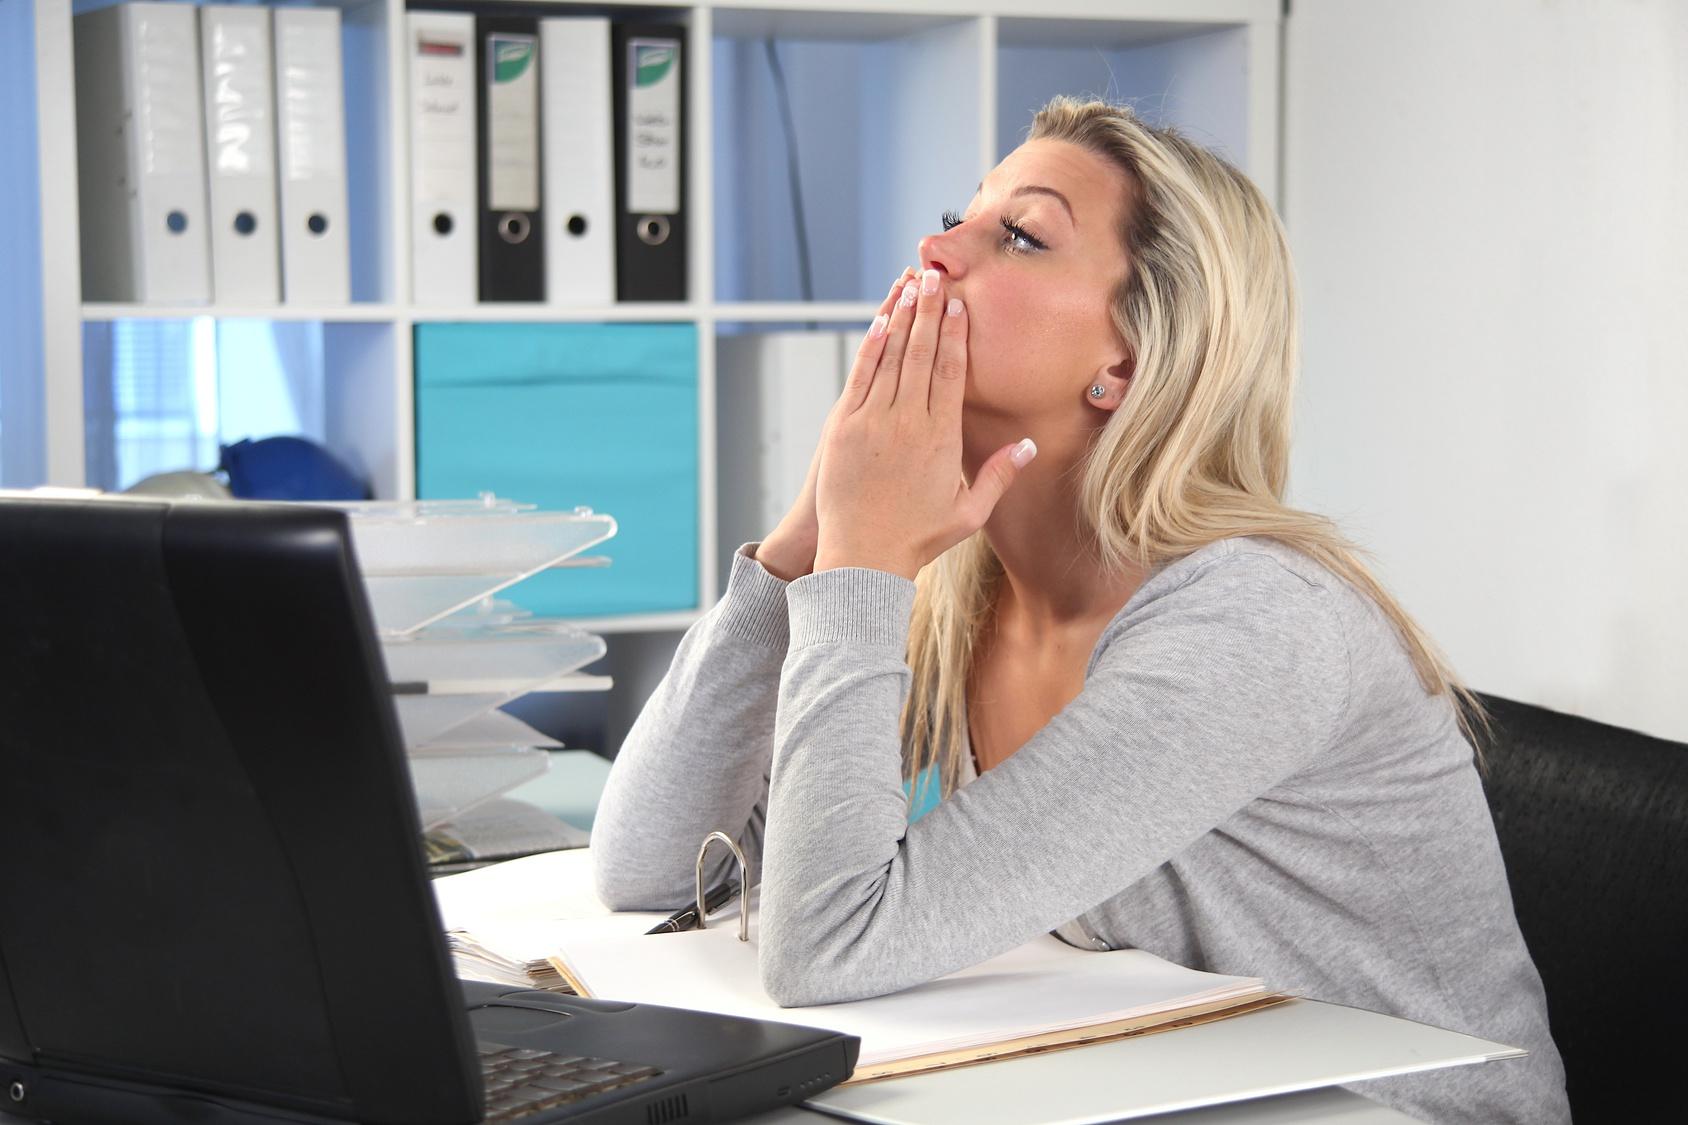 «Mon employeur me fait travailler malgré le chômage partiel, que faire ?» Vos questions, nos réponses